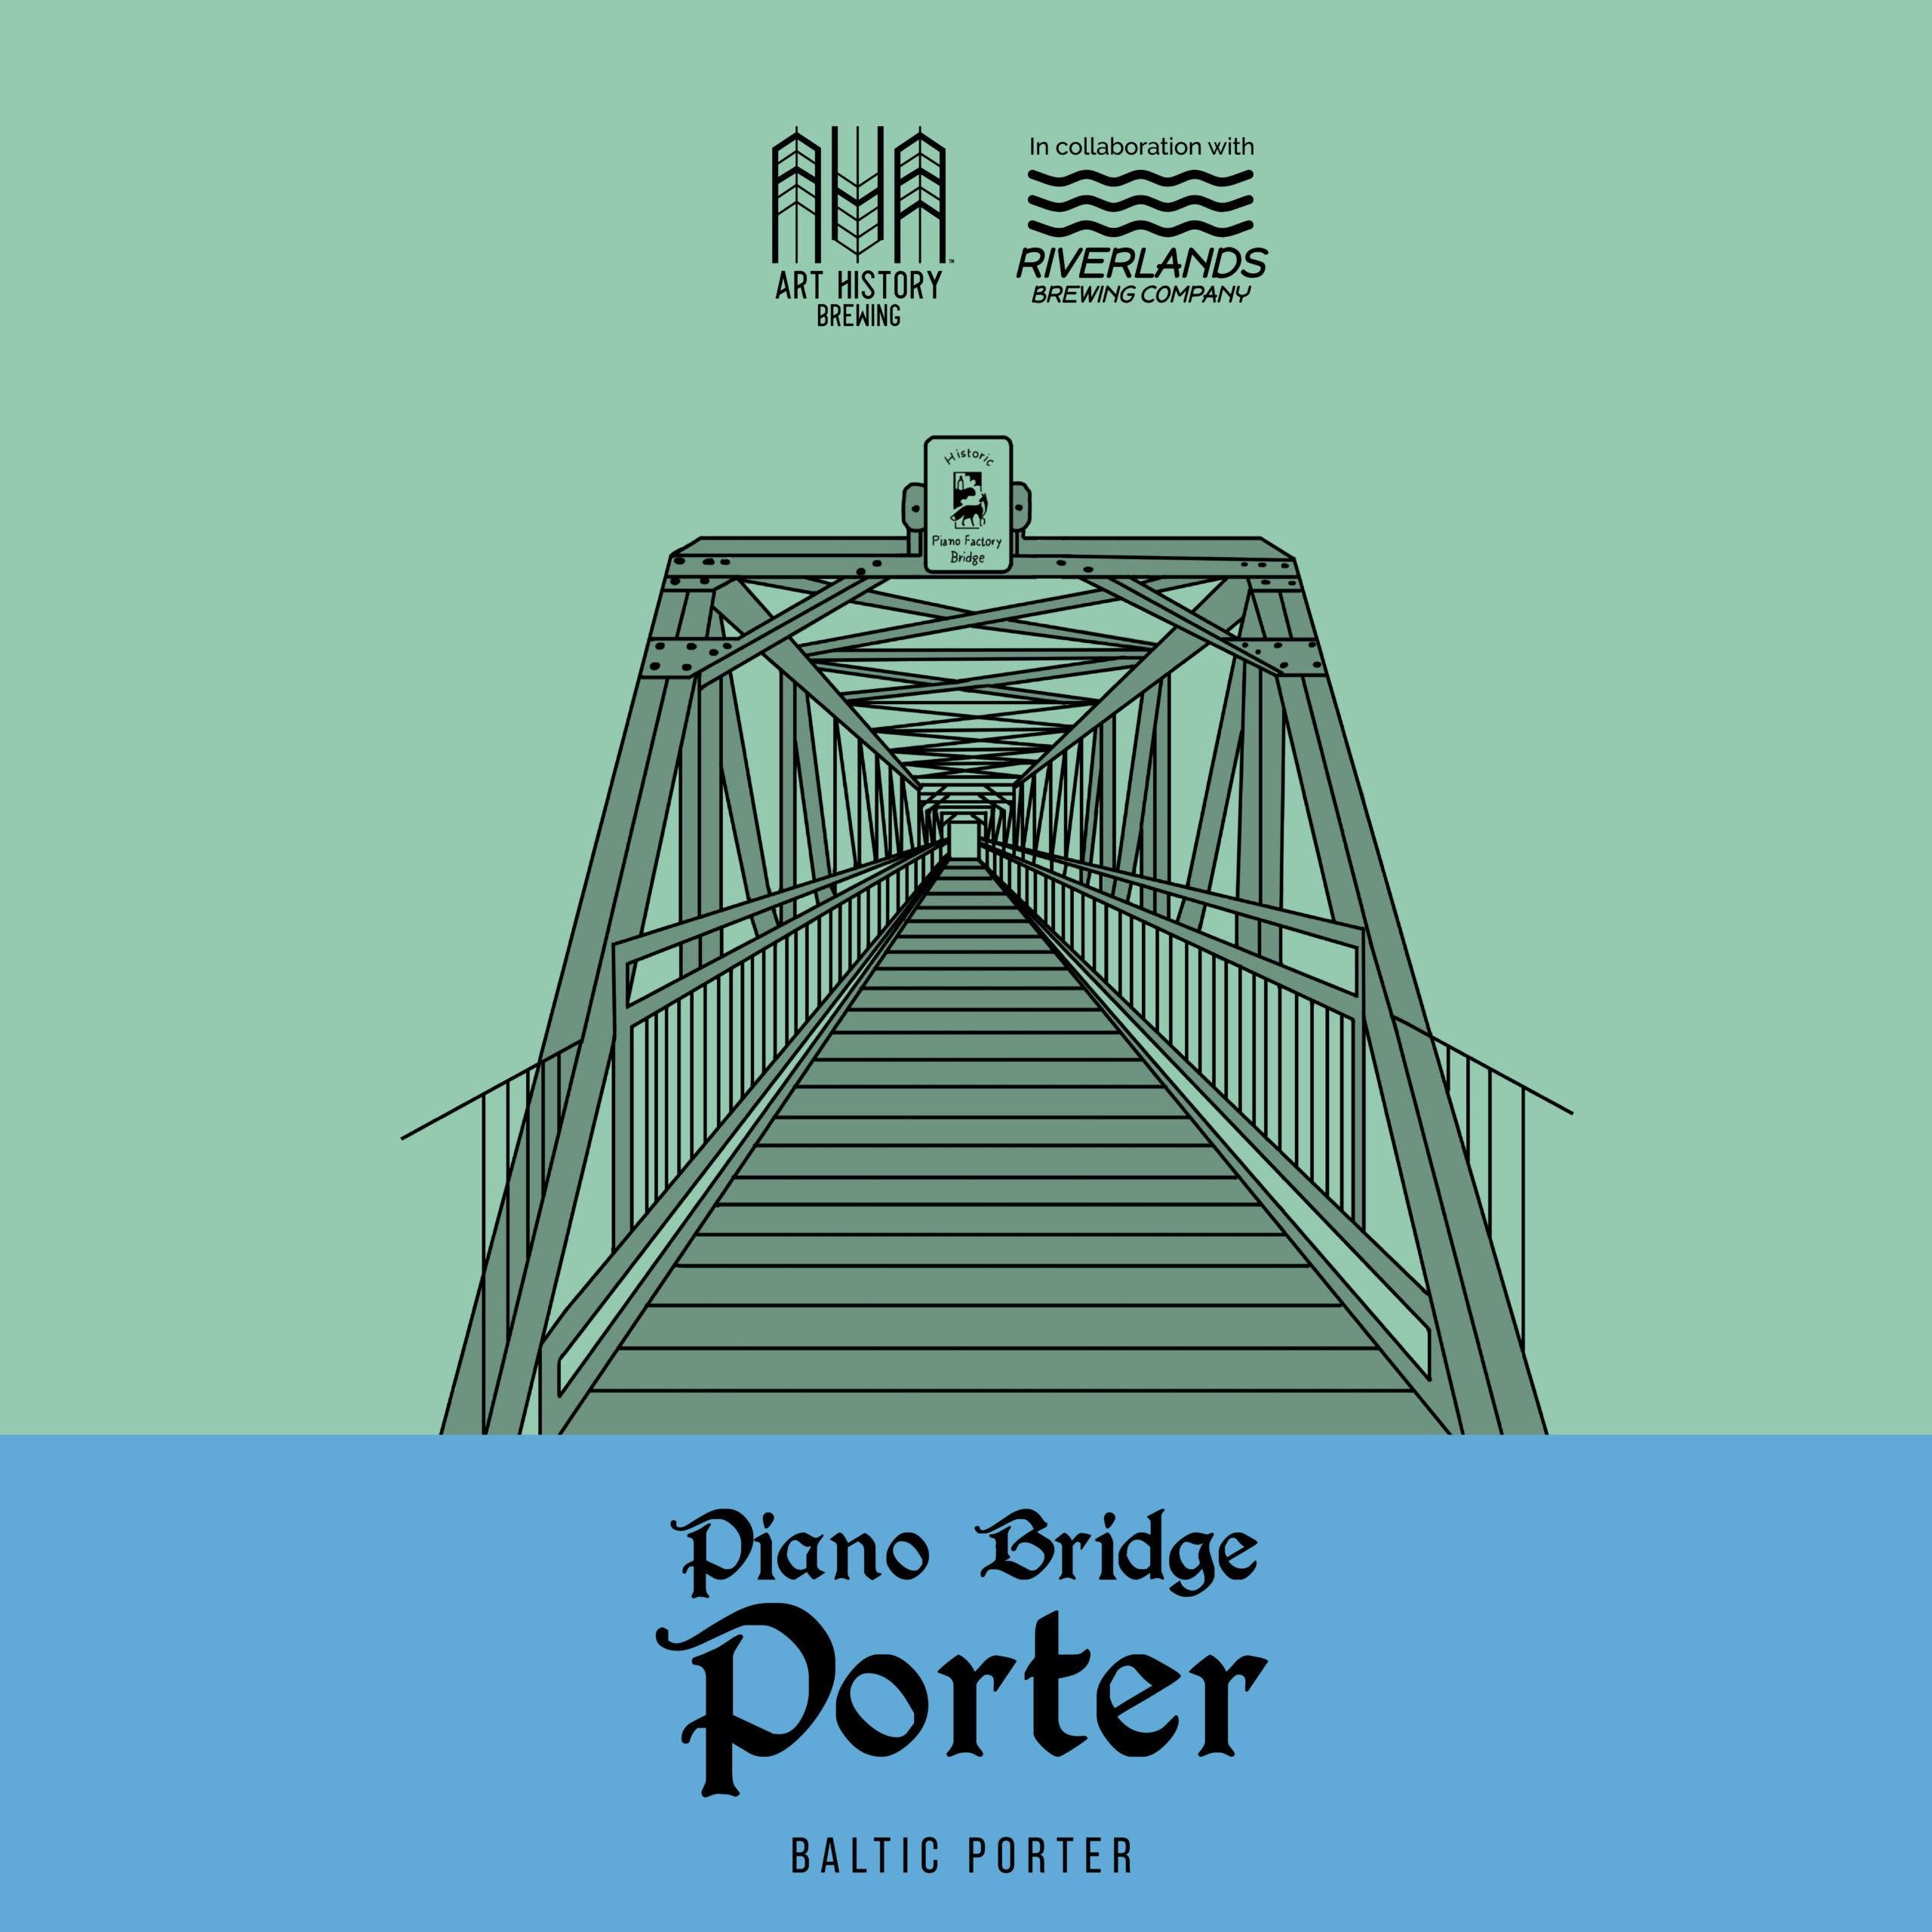 pianobridgeporter